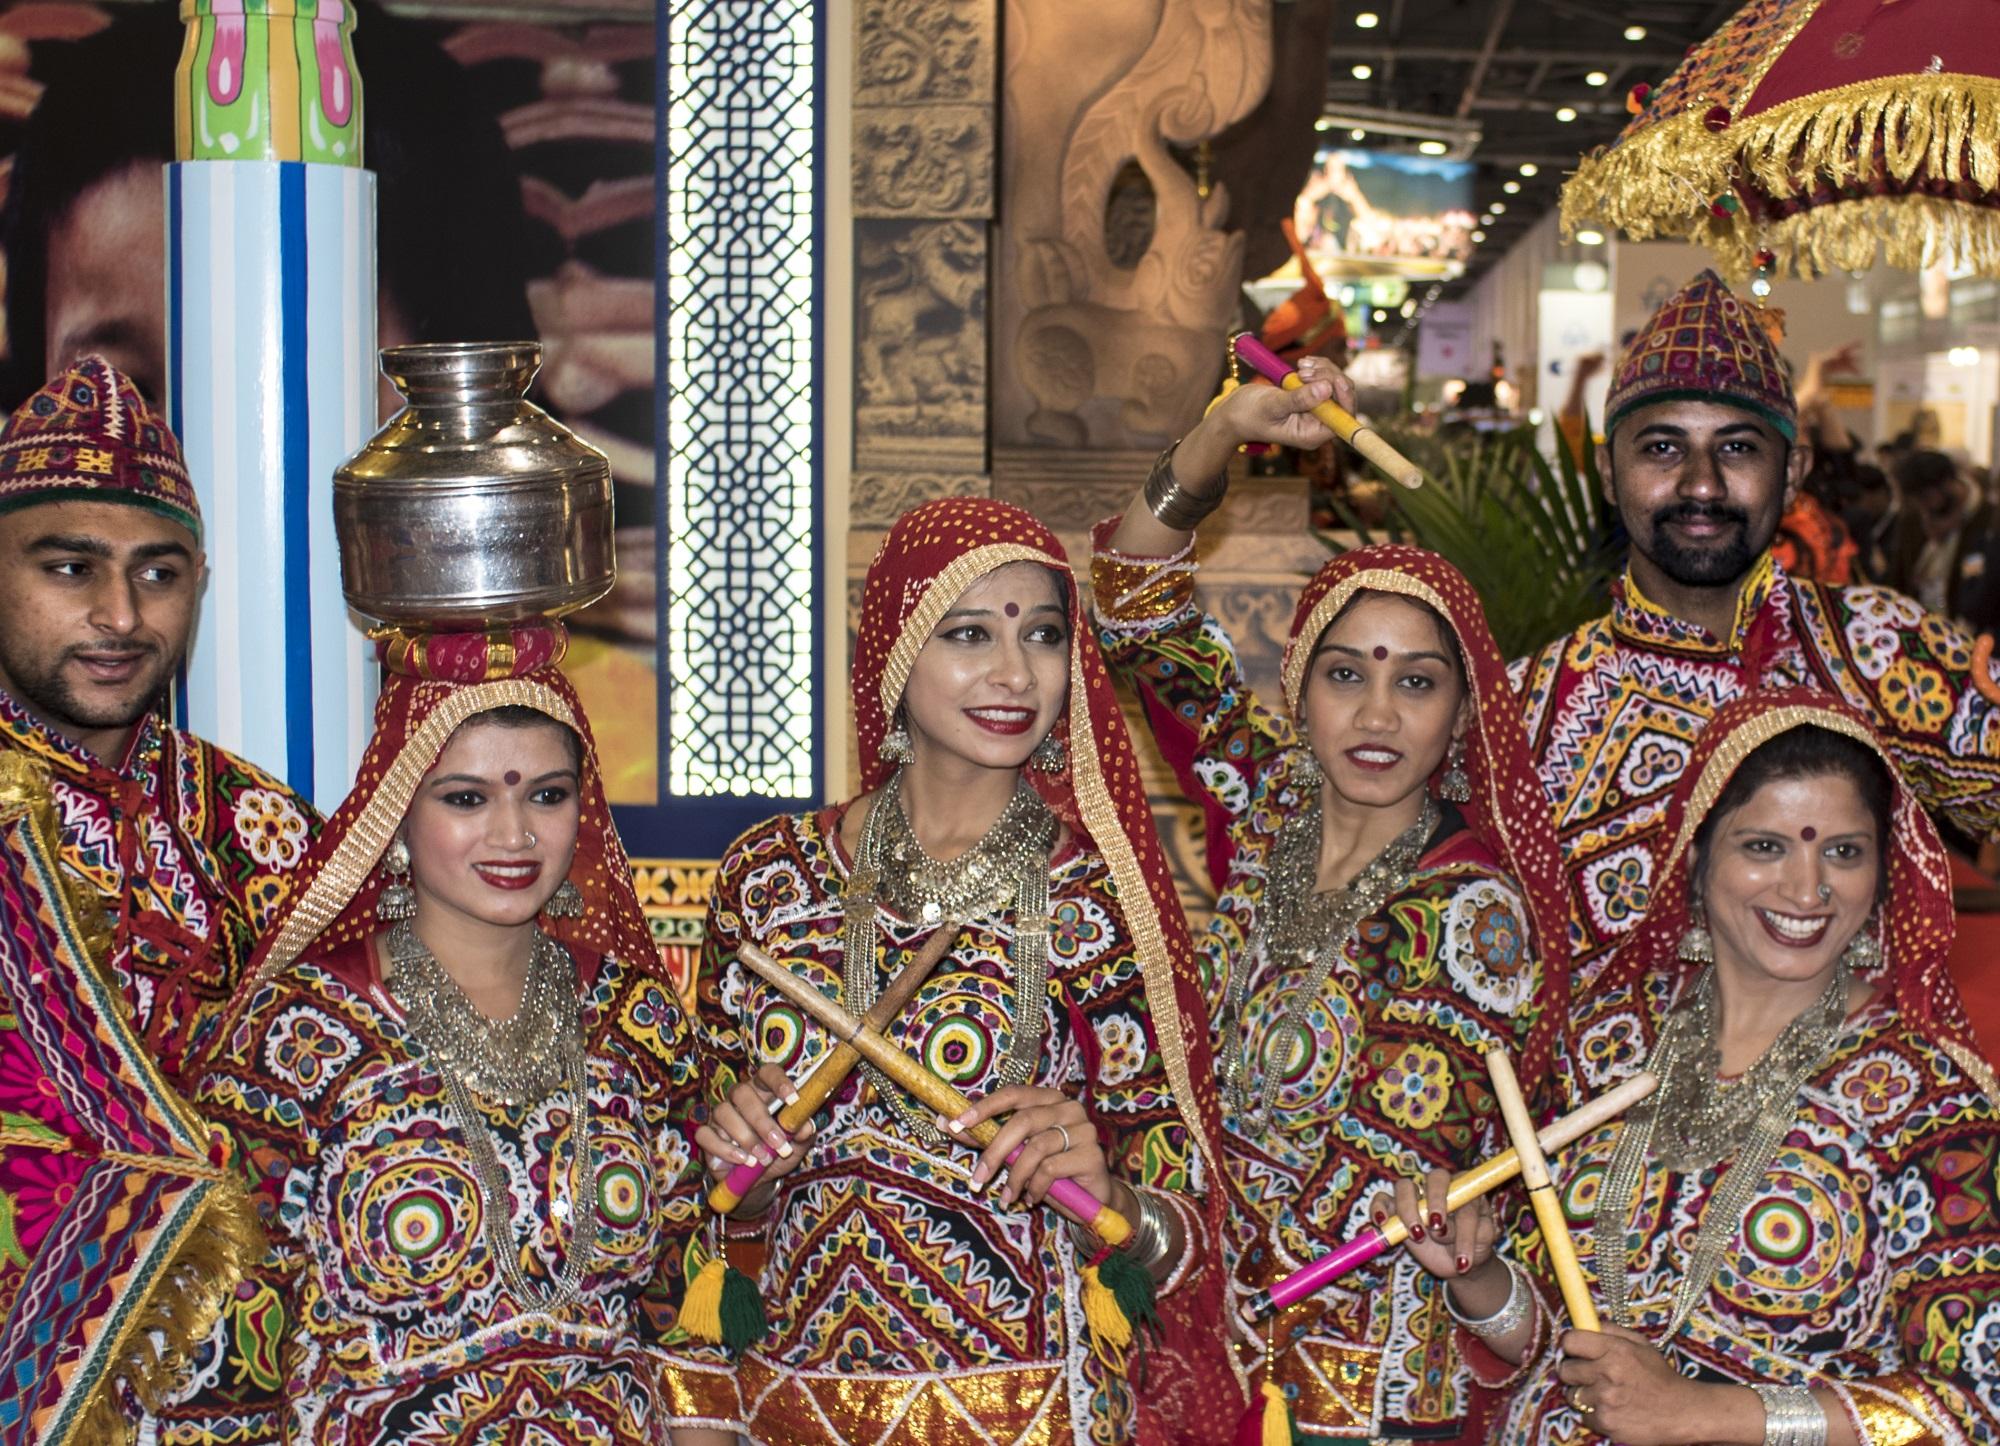 Grupo de personas con colorida vestimenta tradicional en World Travel Market